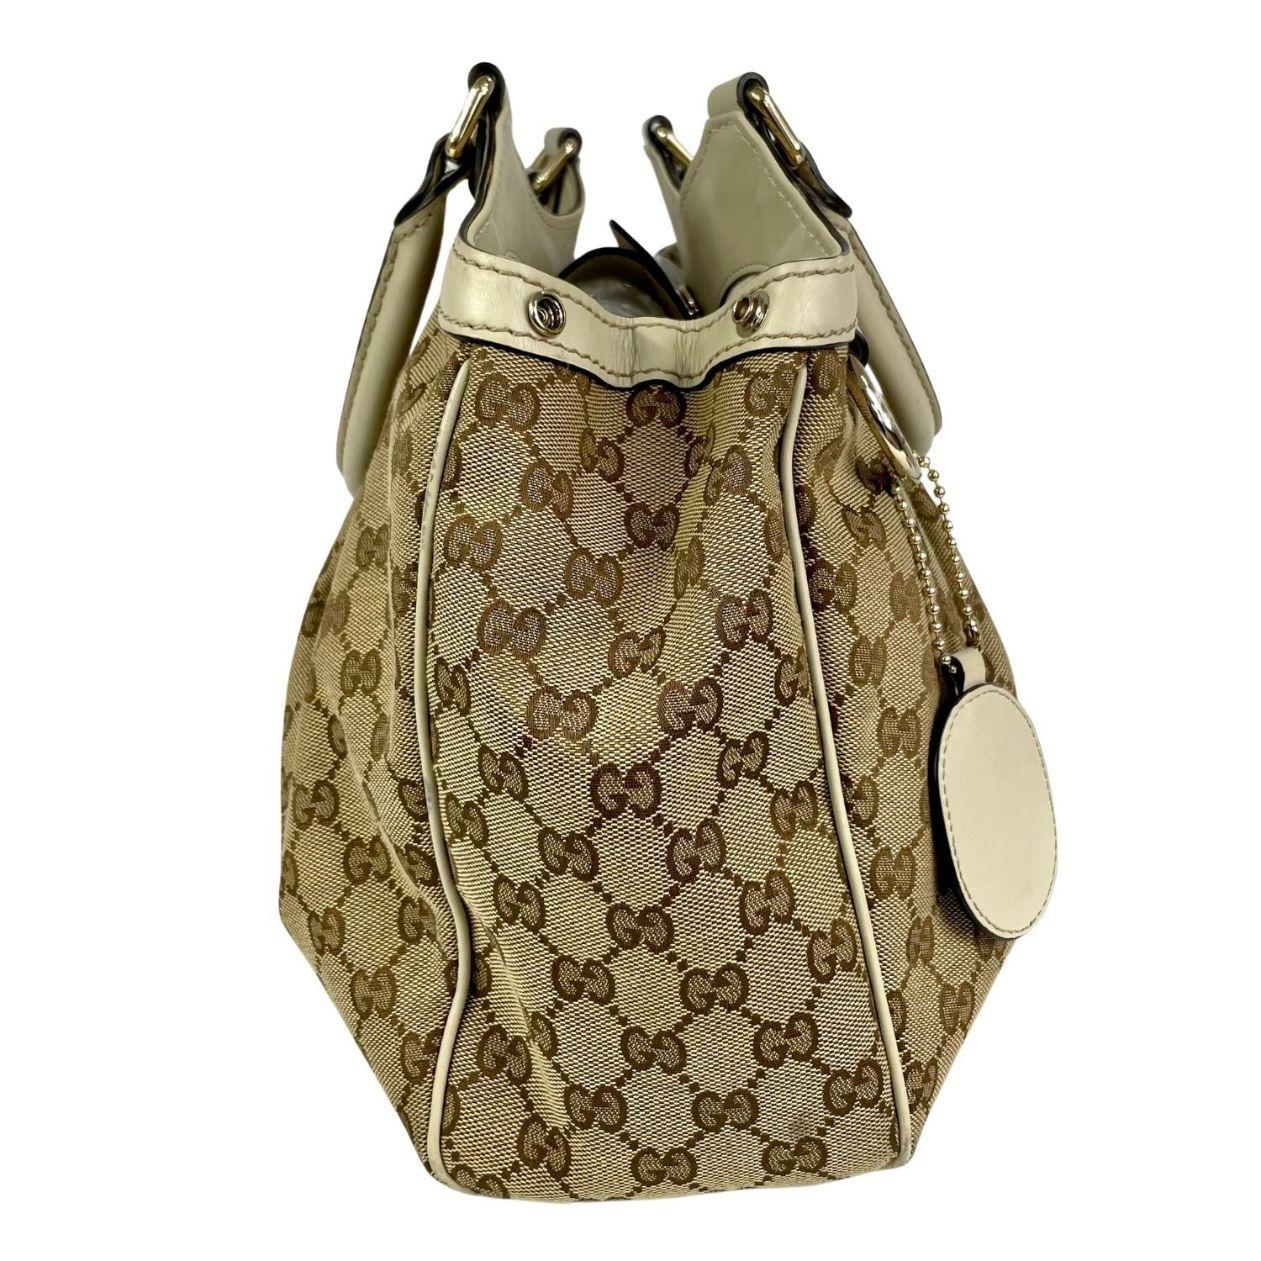 Bolsa Gucci Sukey Medium Monograma